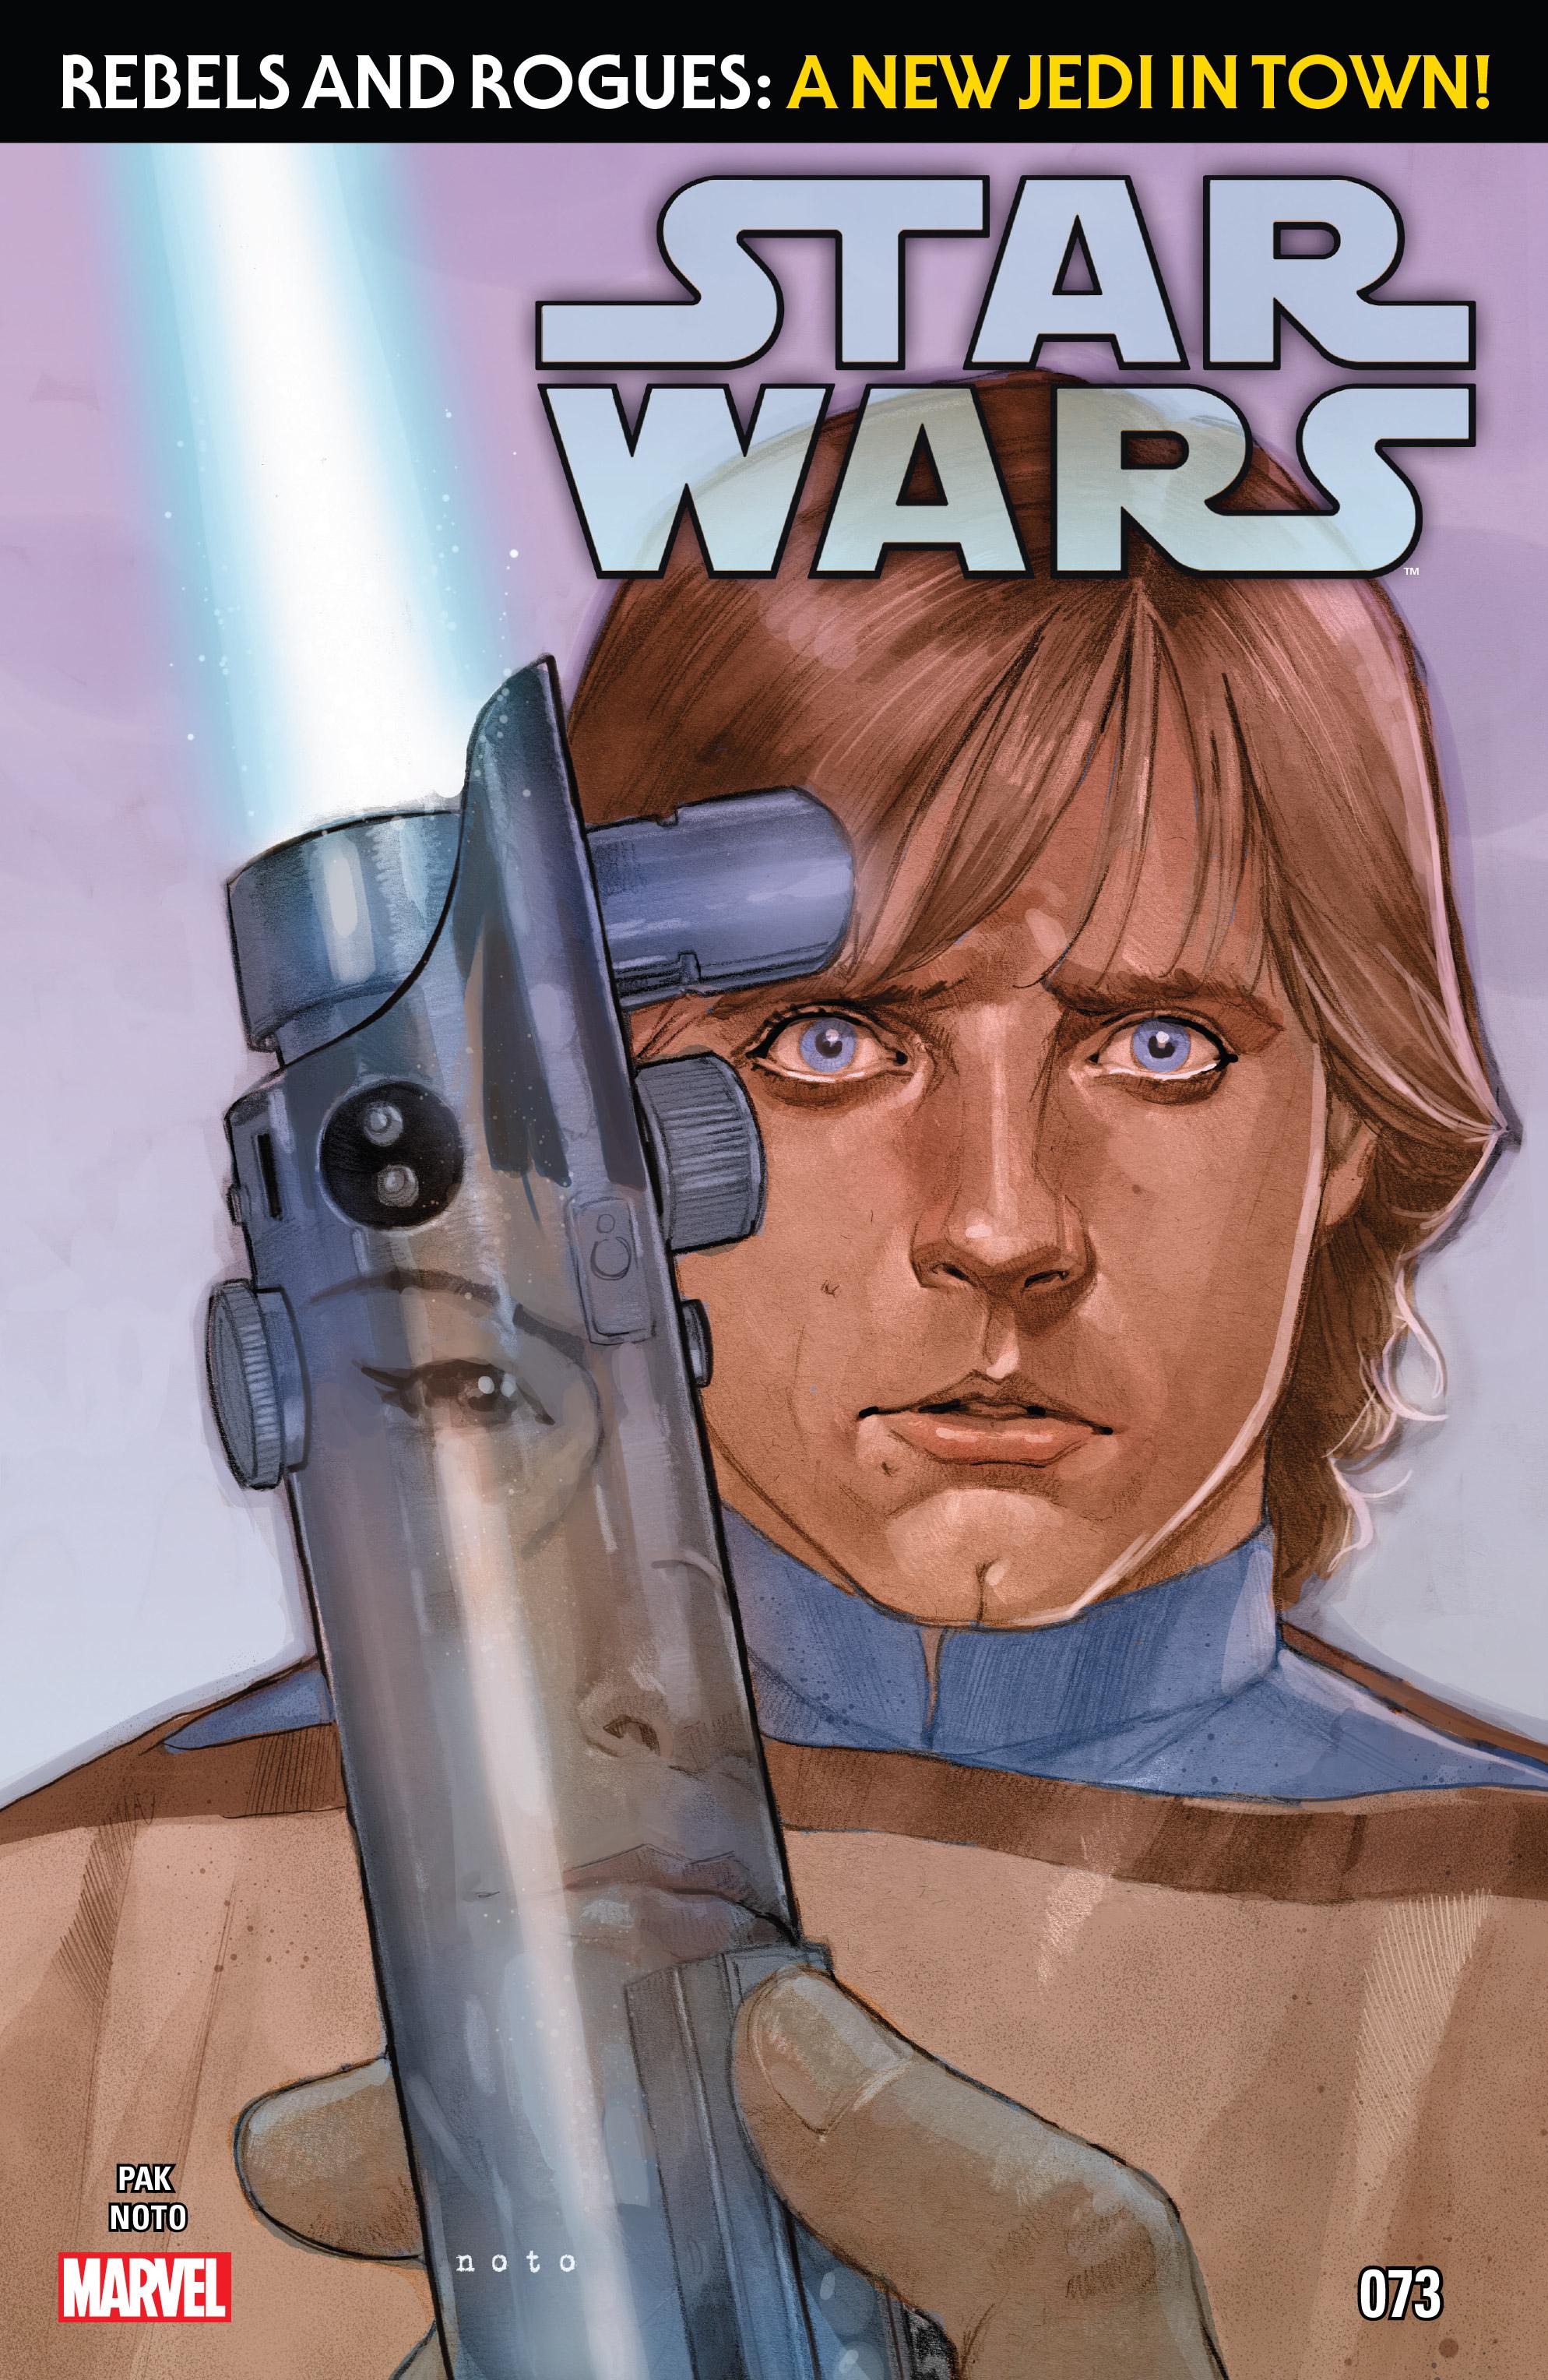 Звёздные войны 73: Мятежники и изгои, часть 6